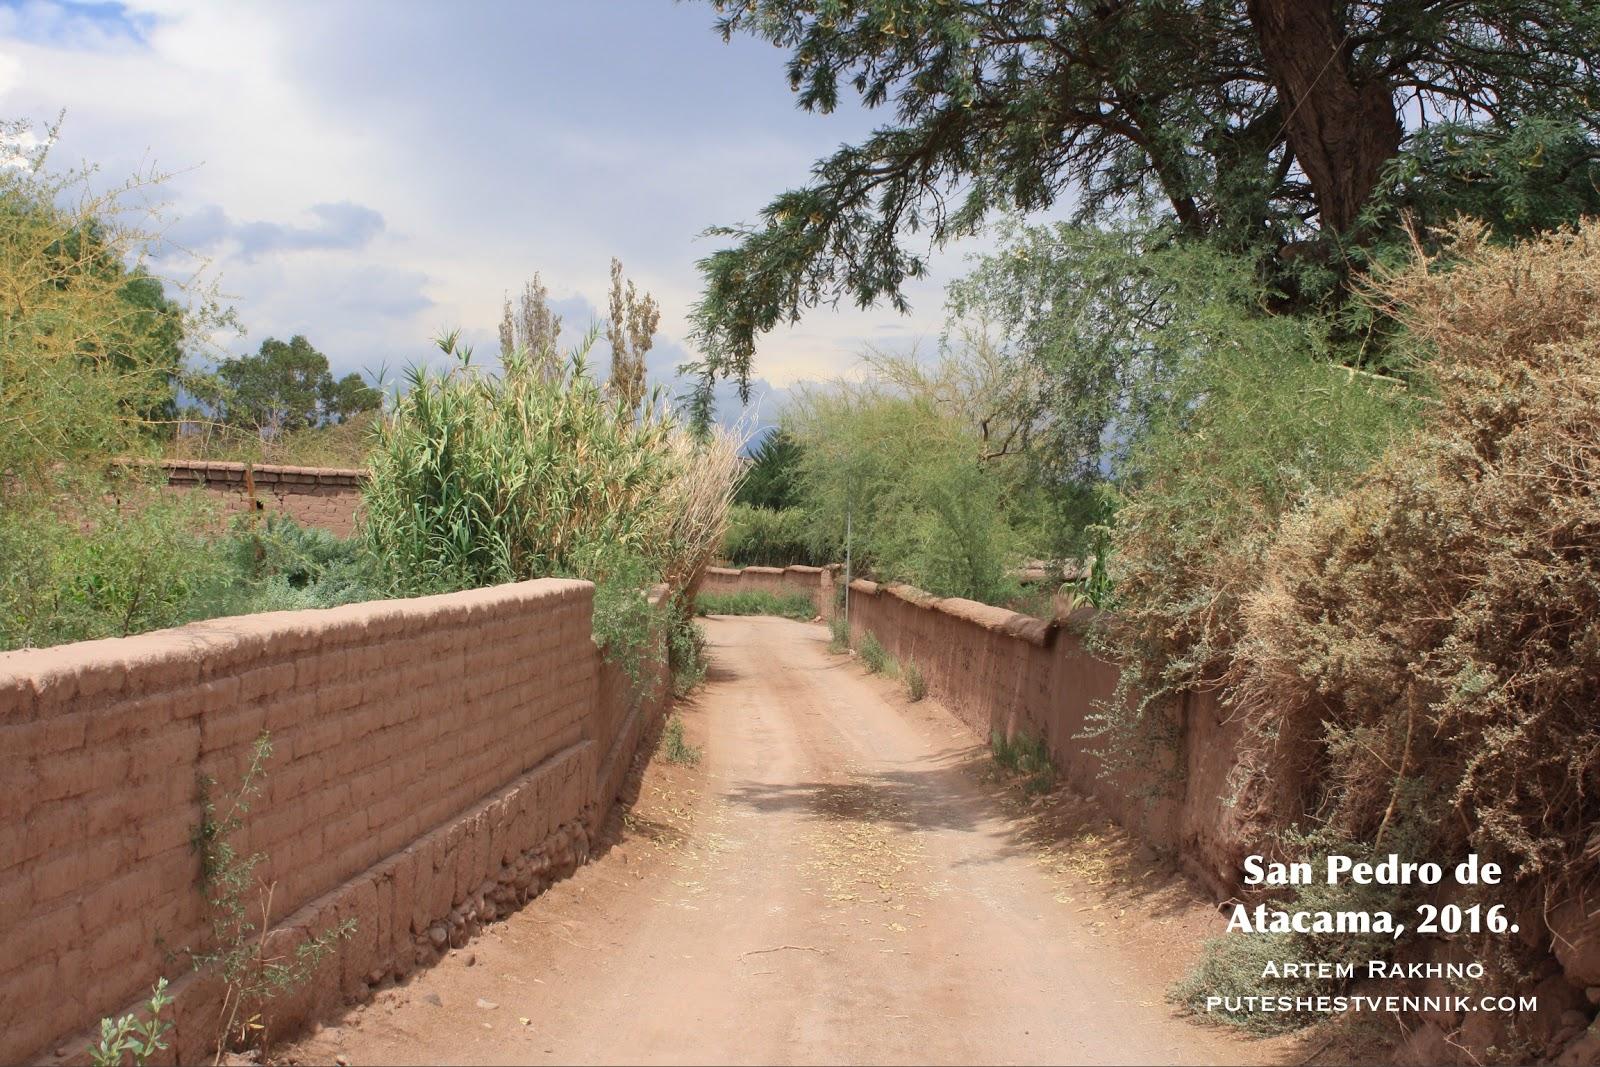 Проселочная дорога в Сан-Педро-де-Атакама